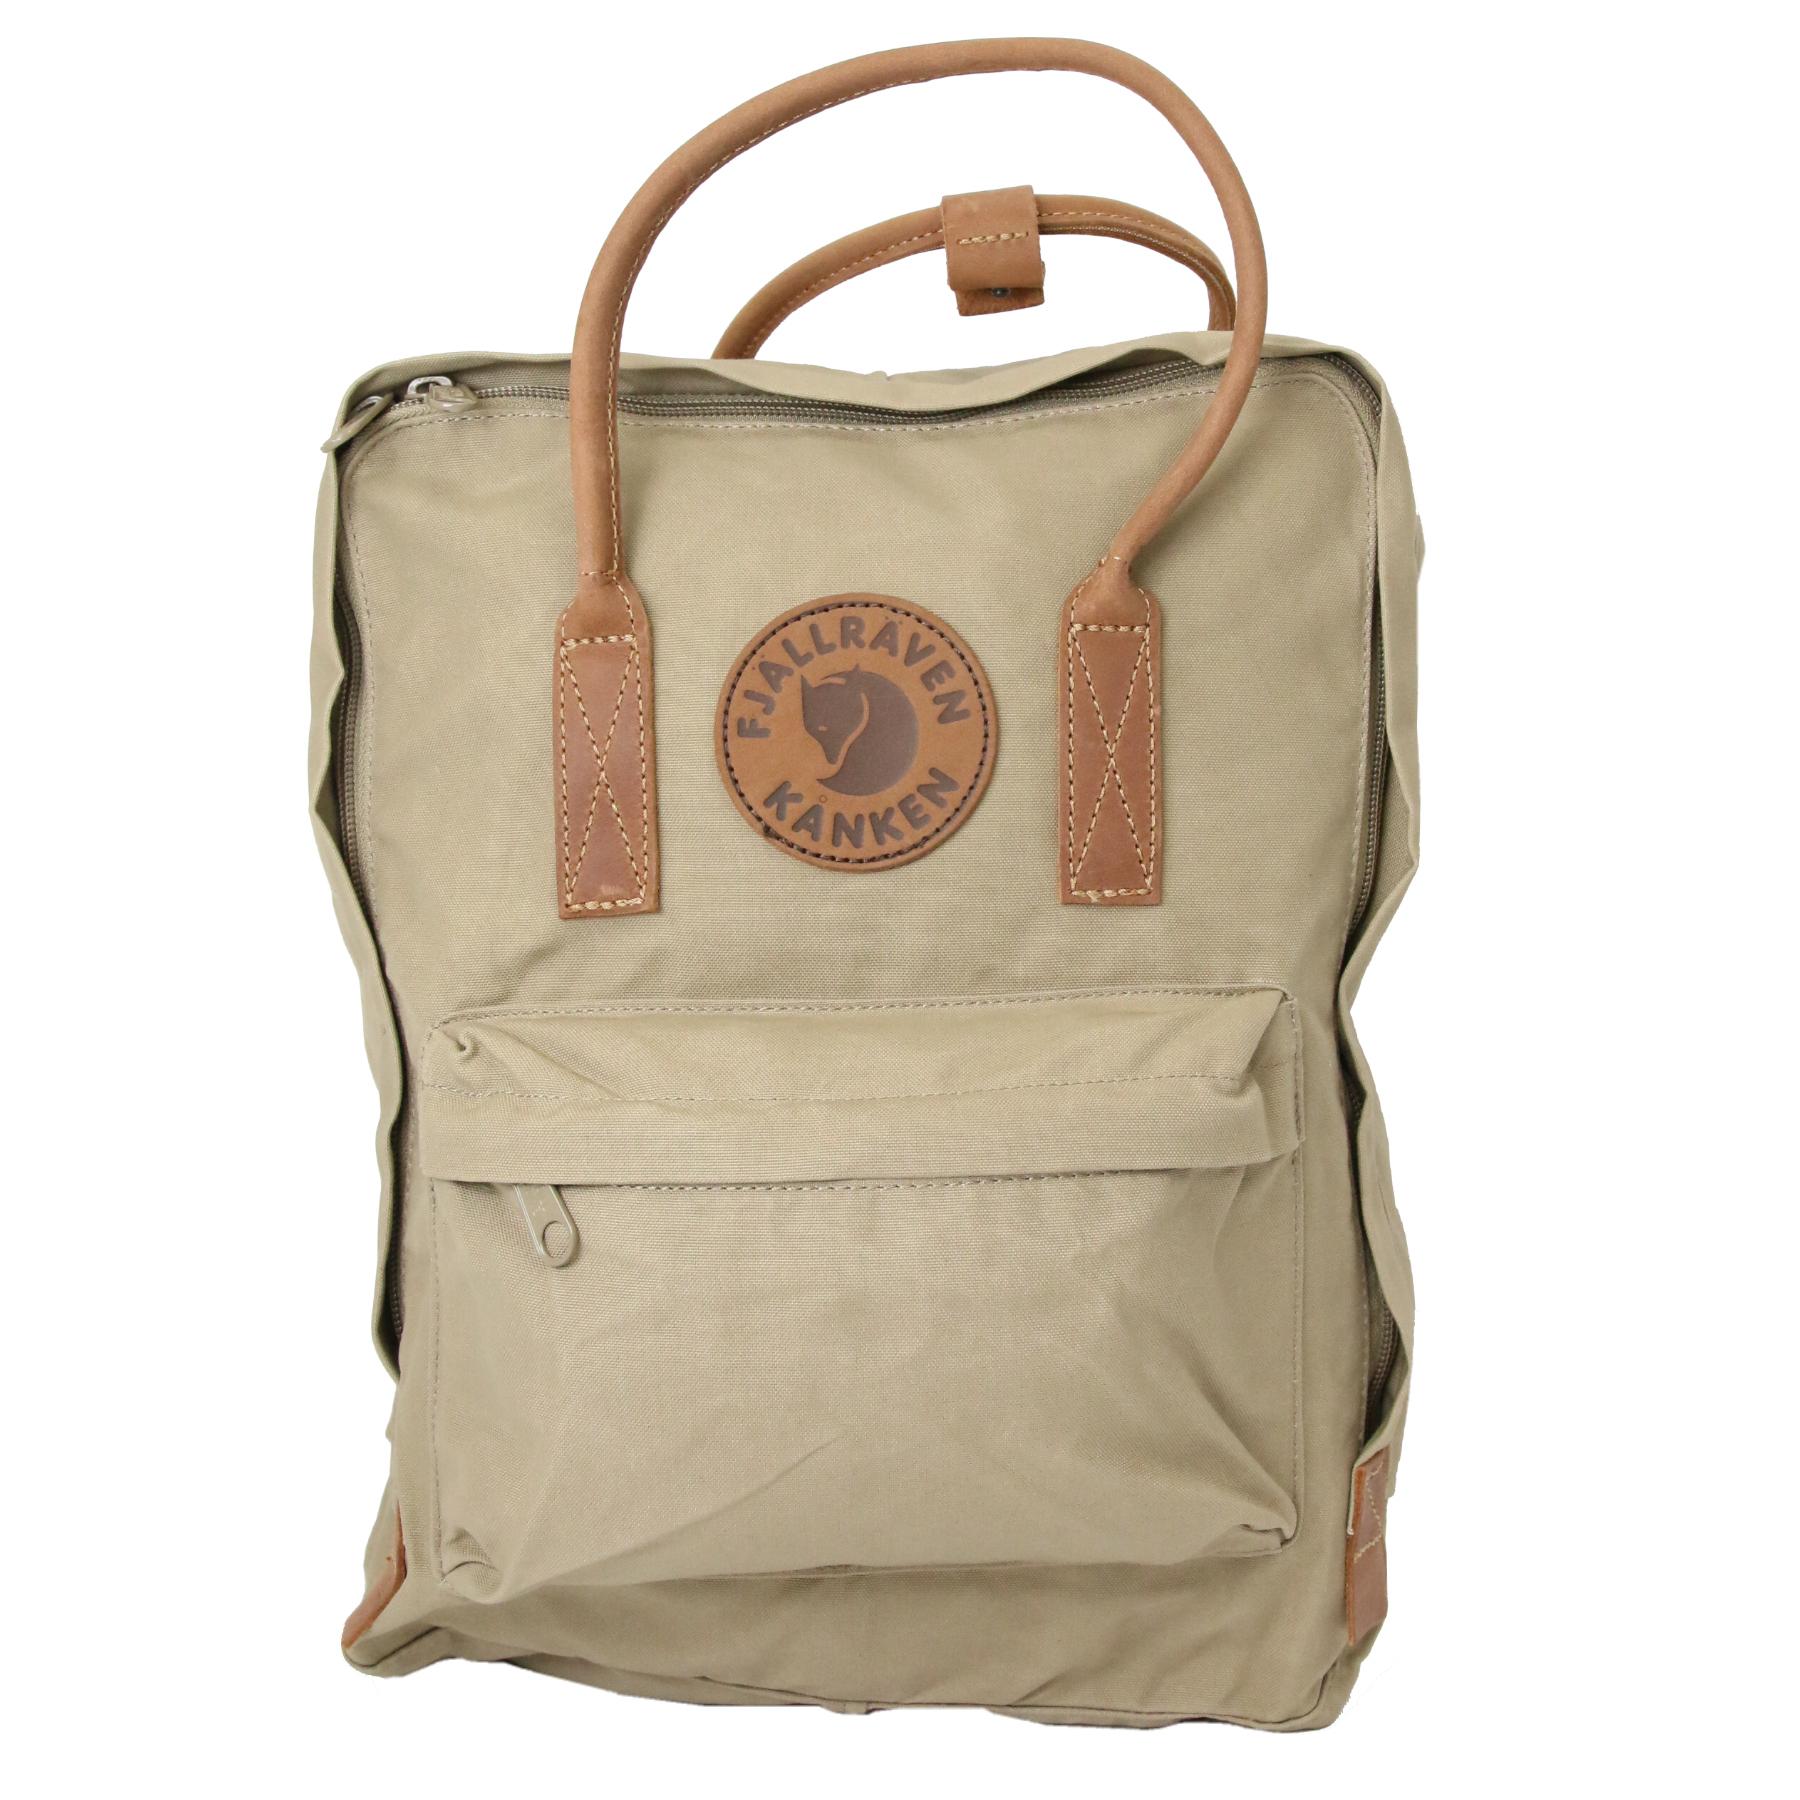 fj llr ven kanken rucksack tasche mini re kanken 16l 7l no. Black Bedroom Furniture Sets. Home Design Ideas